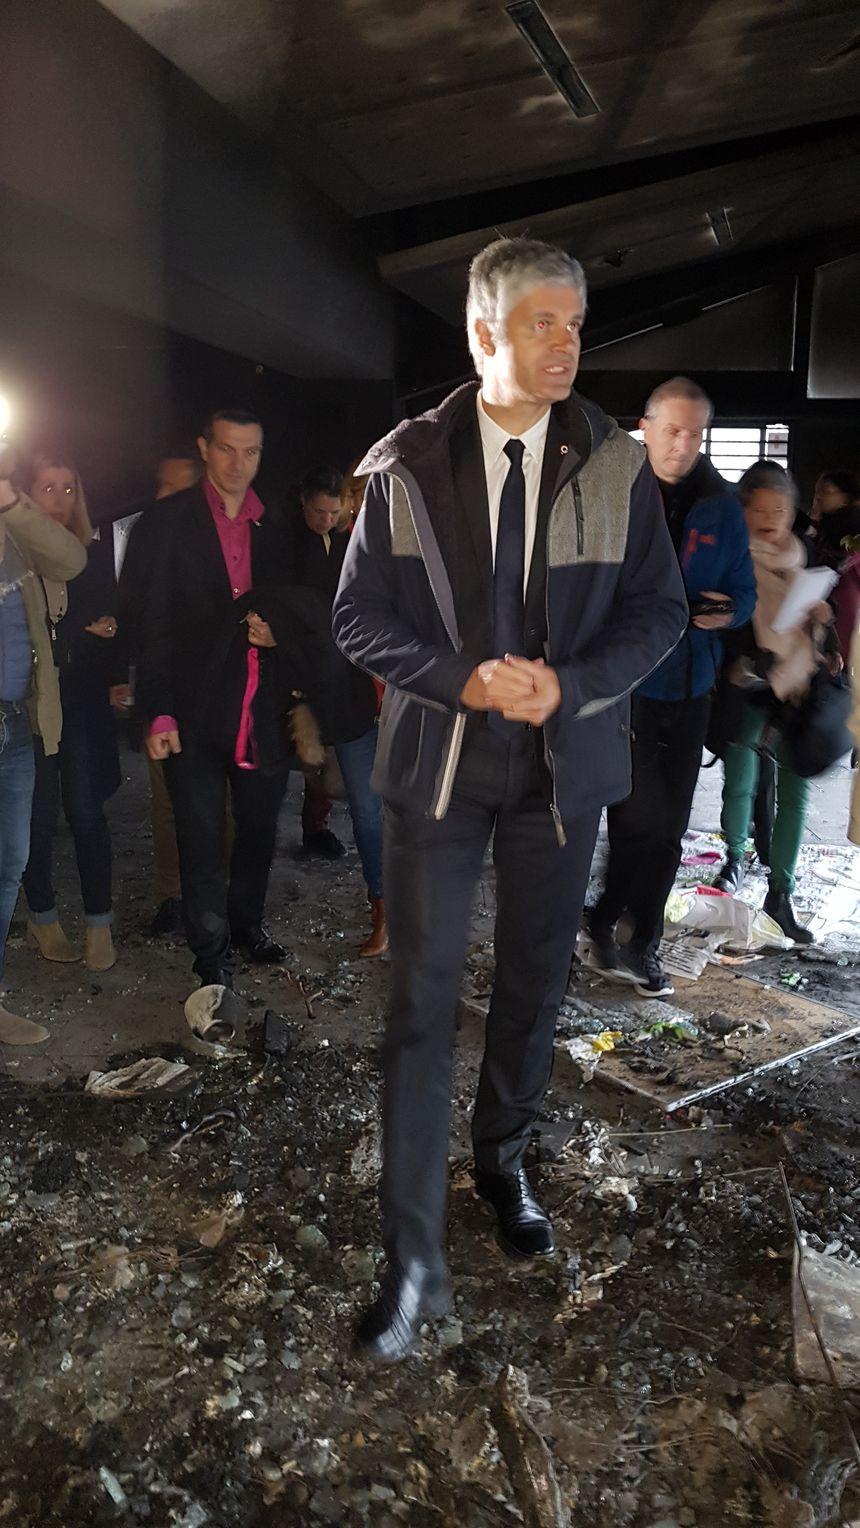 Laurent Wauquiez au milieu des décombres de l'incendie